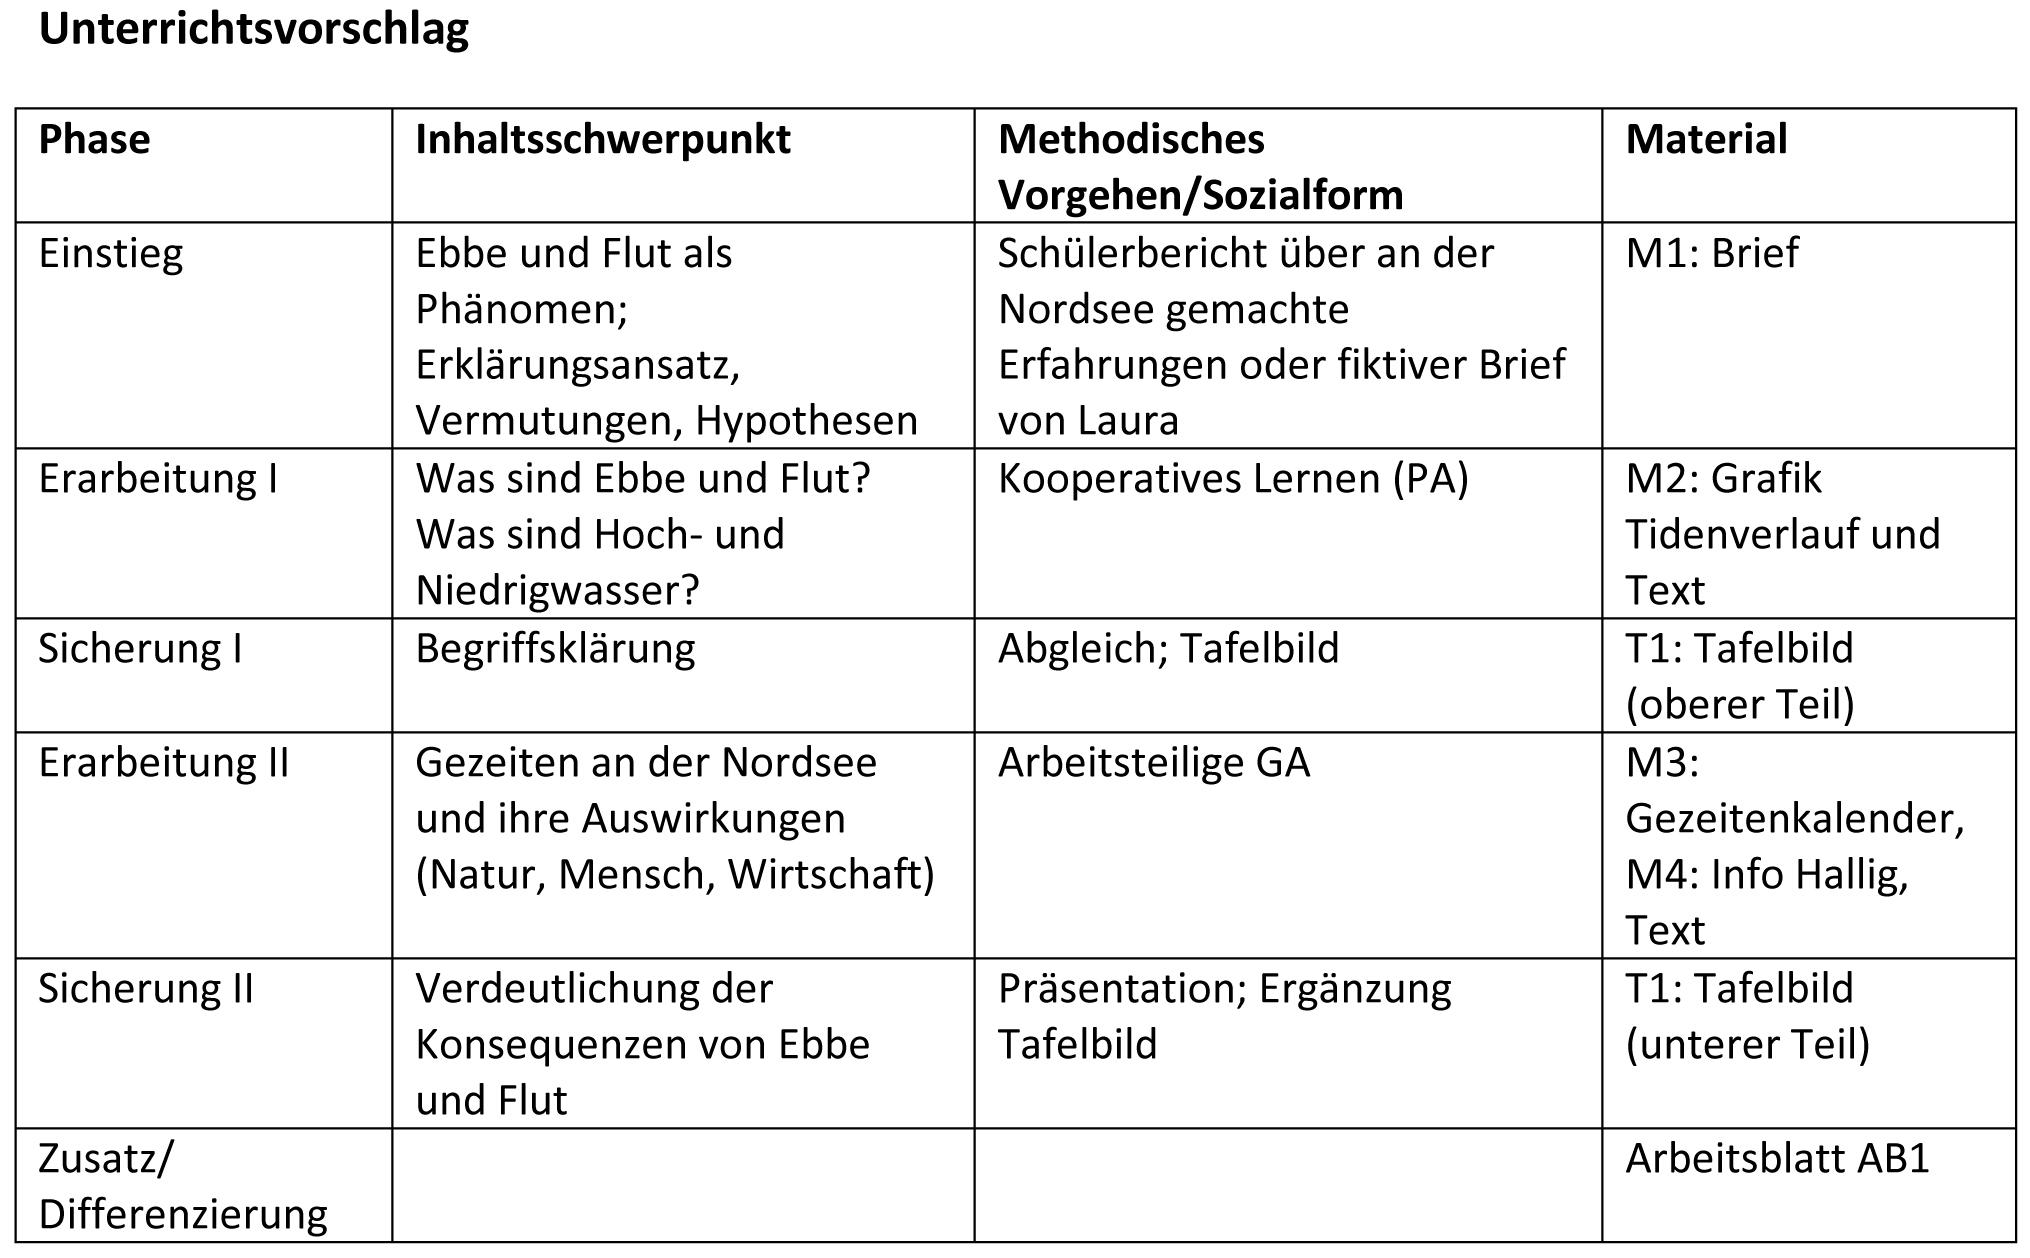 Ernst Klett Verlag   Terrasse   Schulbücher, Lehrmaterialien und ...